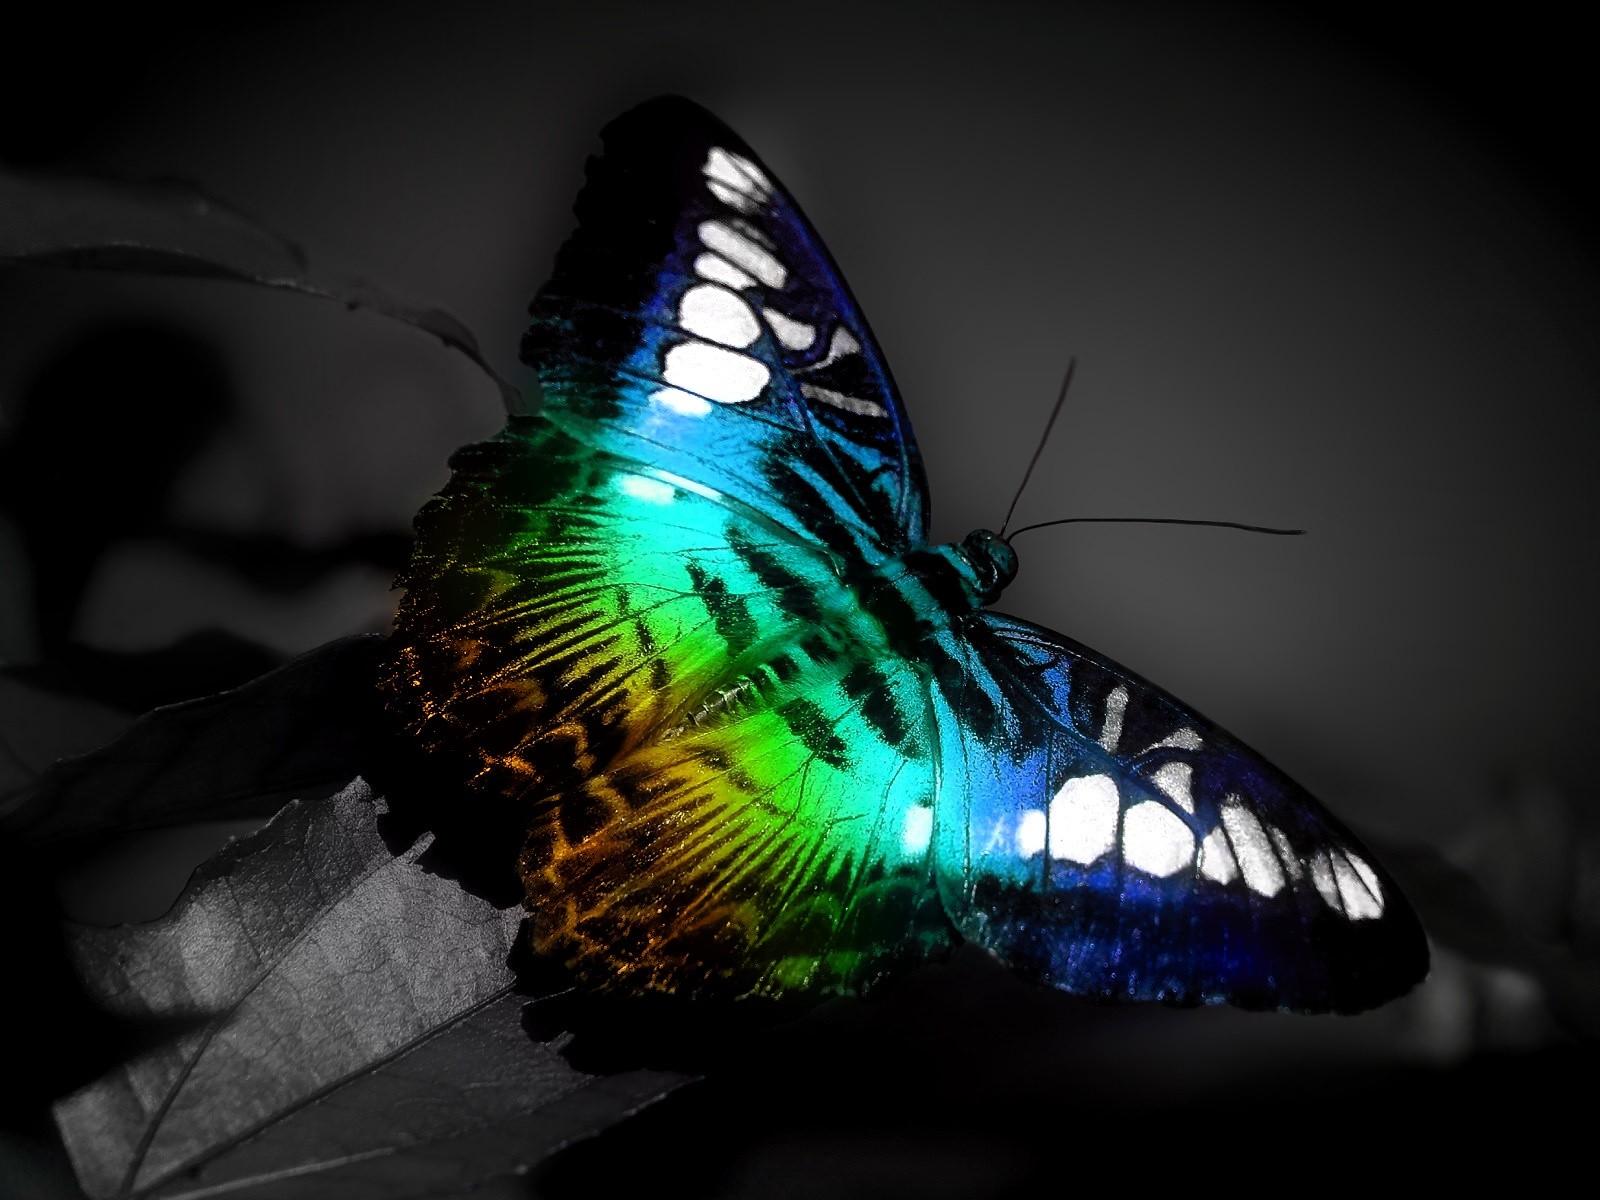 http://3.bp.blogspot.com/-FNvoFsDFxIQ/TrAhEio9zEI/AAAAAAAACJU/x1H58NF84B0/s1600/butterfly-desktop-images-3.jpeg